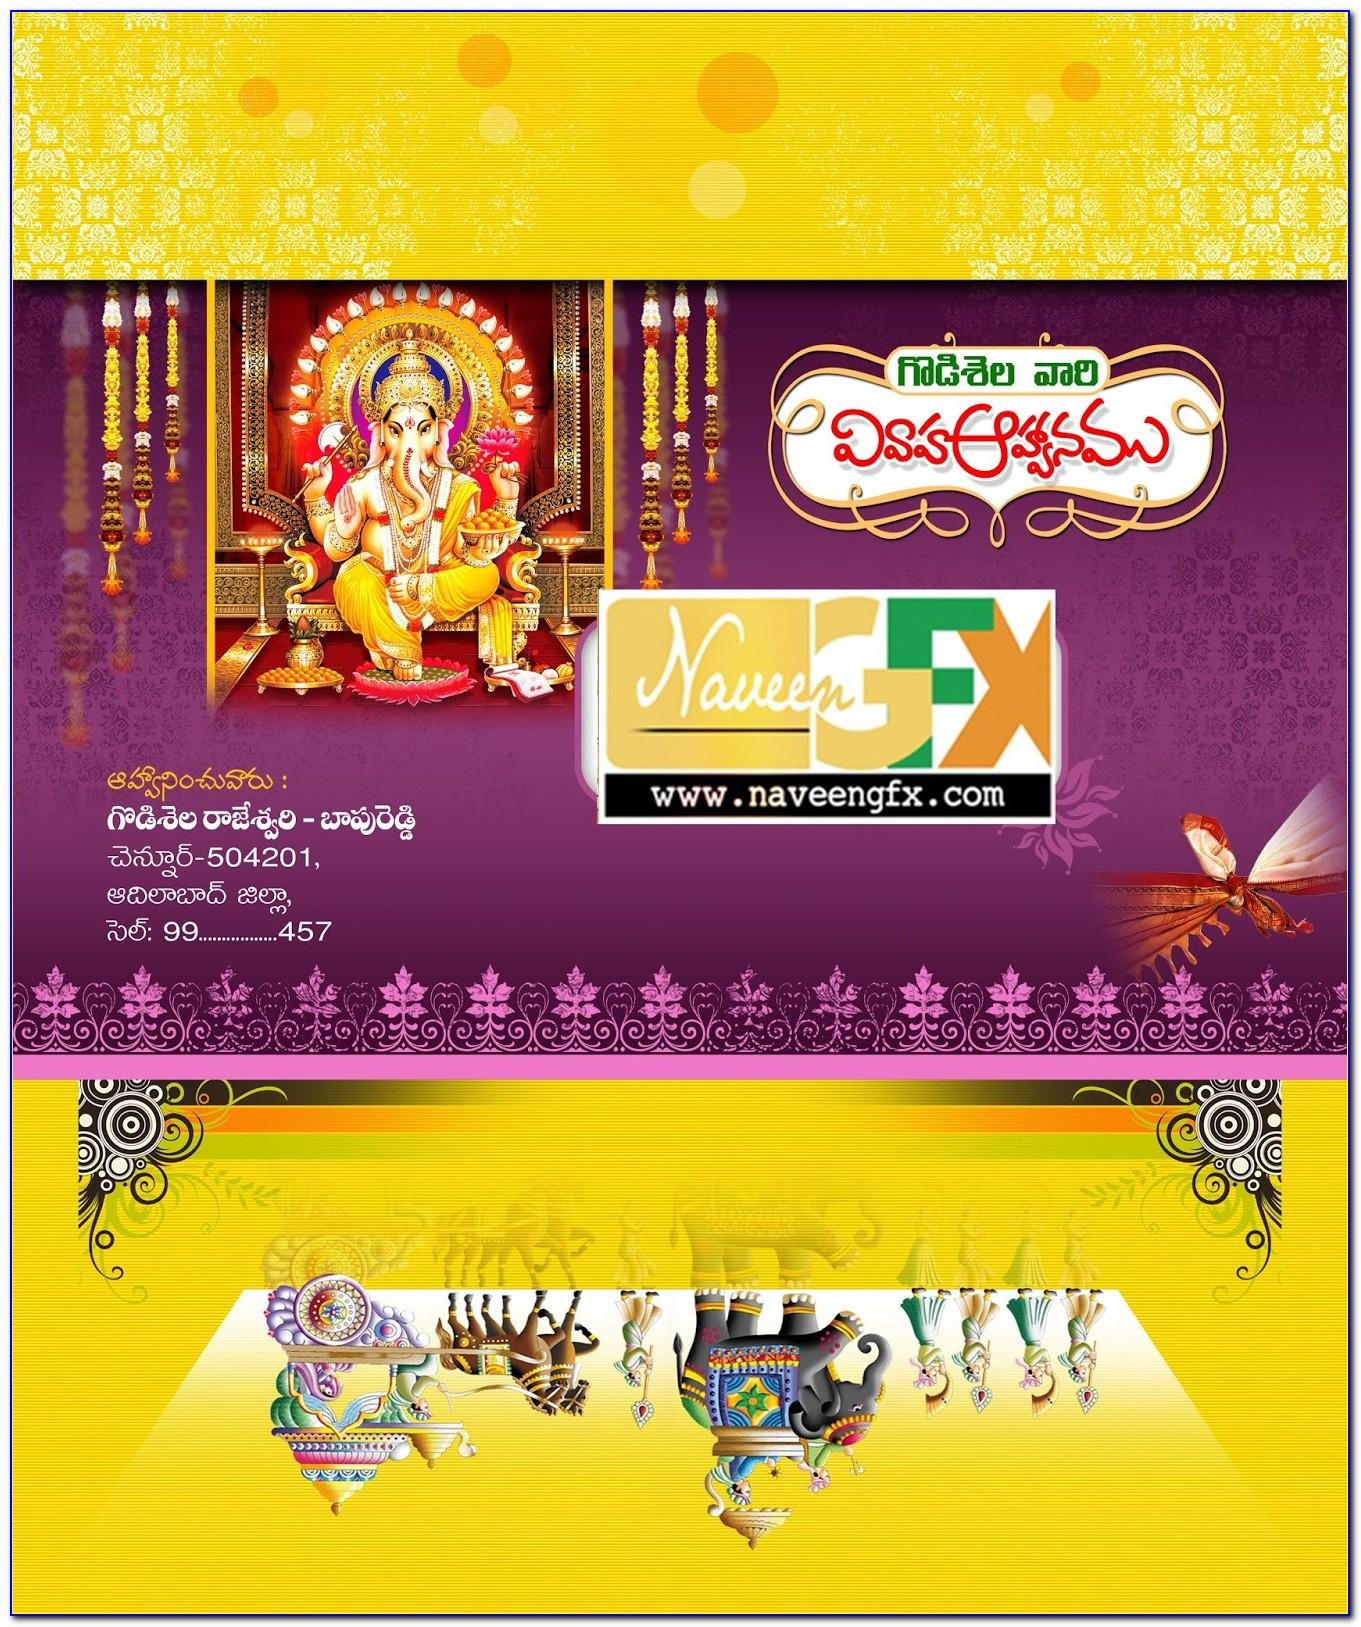 Digital Invitation Card Maker Online